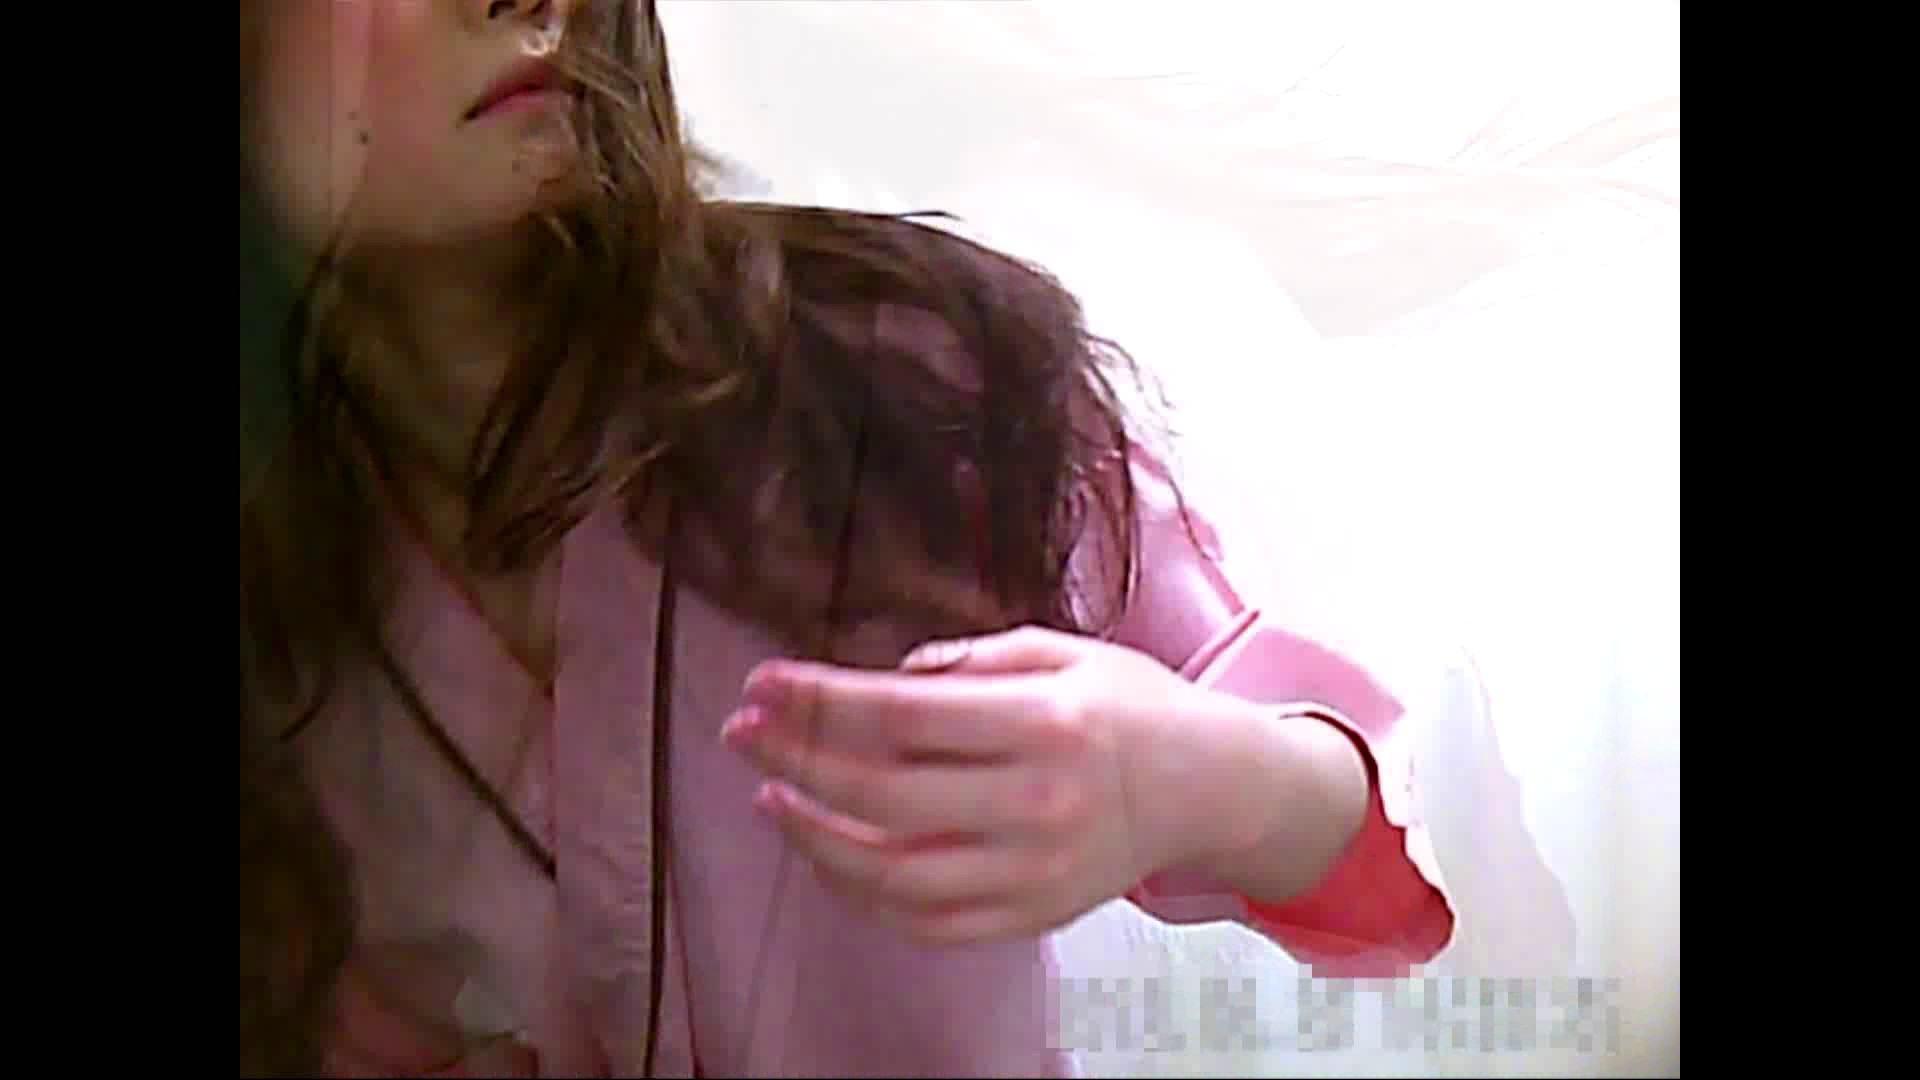 元医者による反抗 更衣室地獄絵巻 vol.007 OL  85pic 27